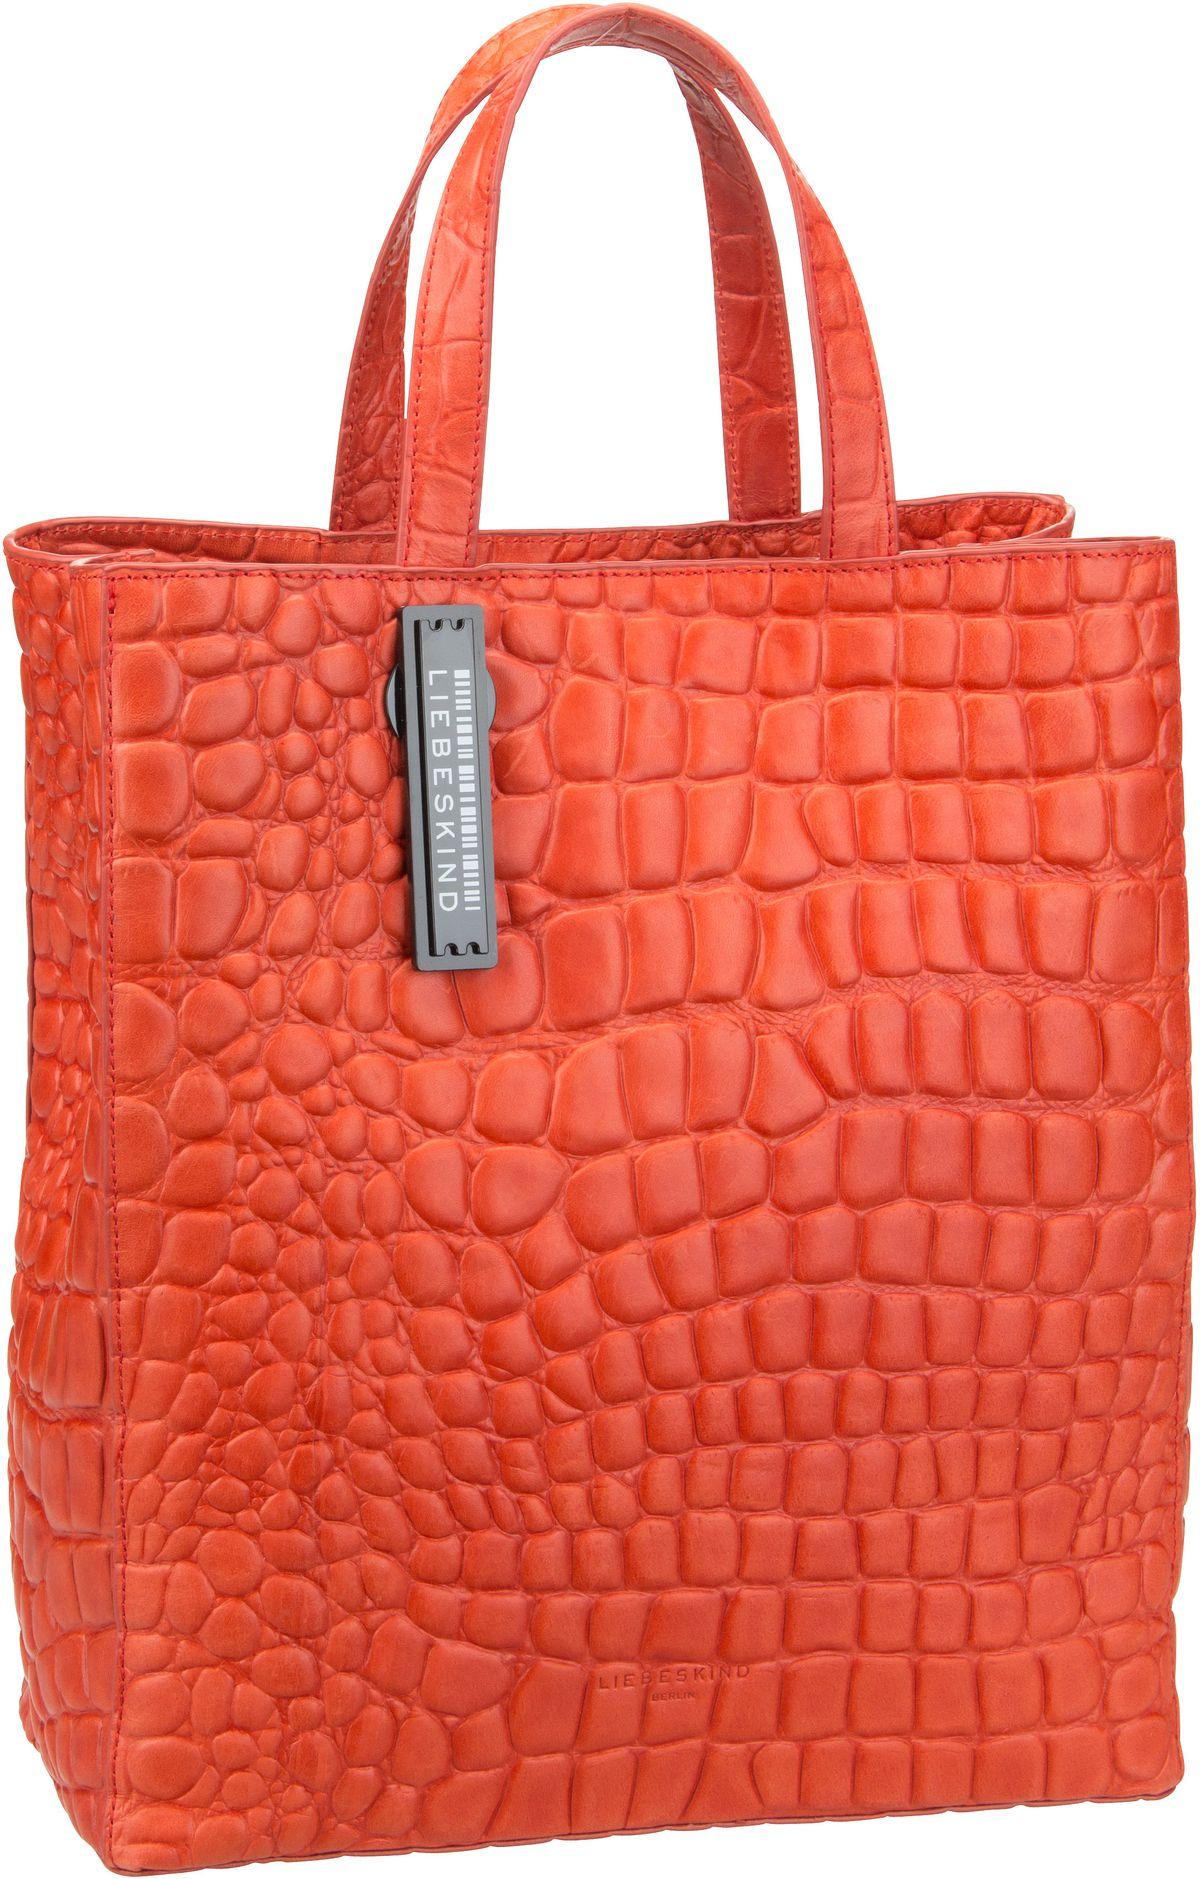 Berlin Shopper Paper Bag Croco Tote M Pumpkin